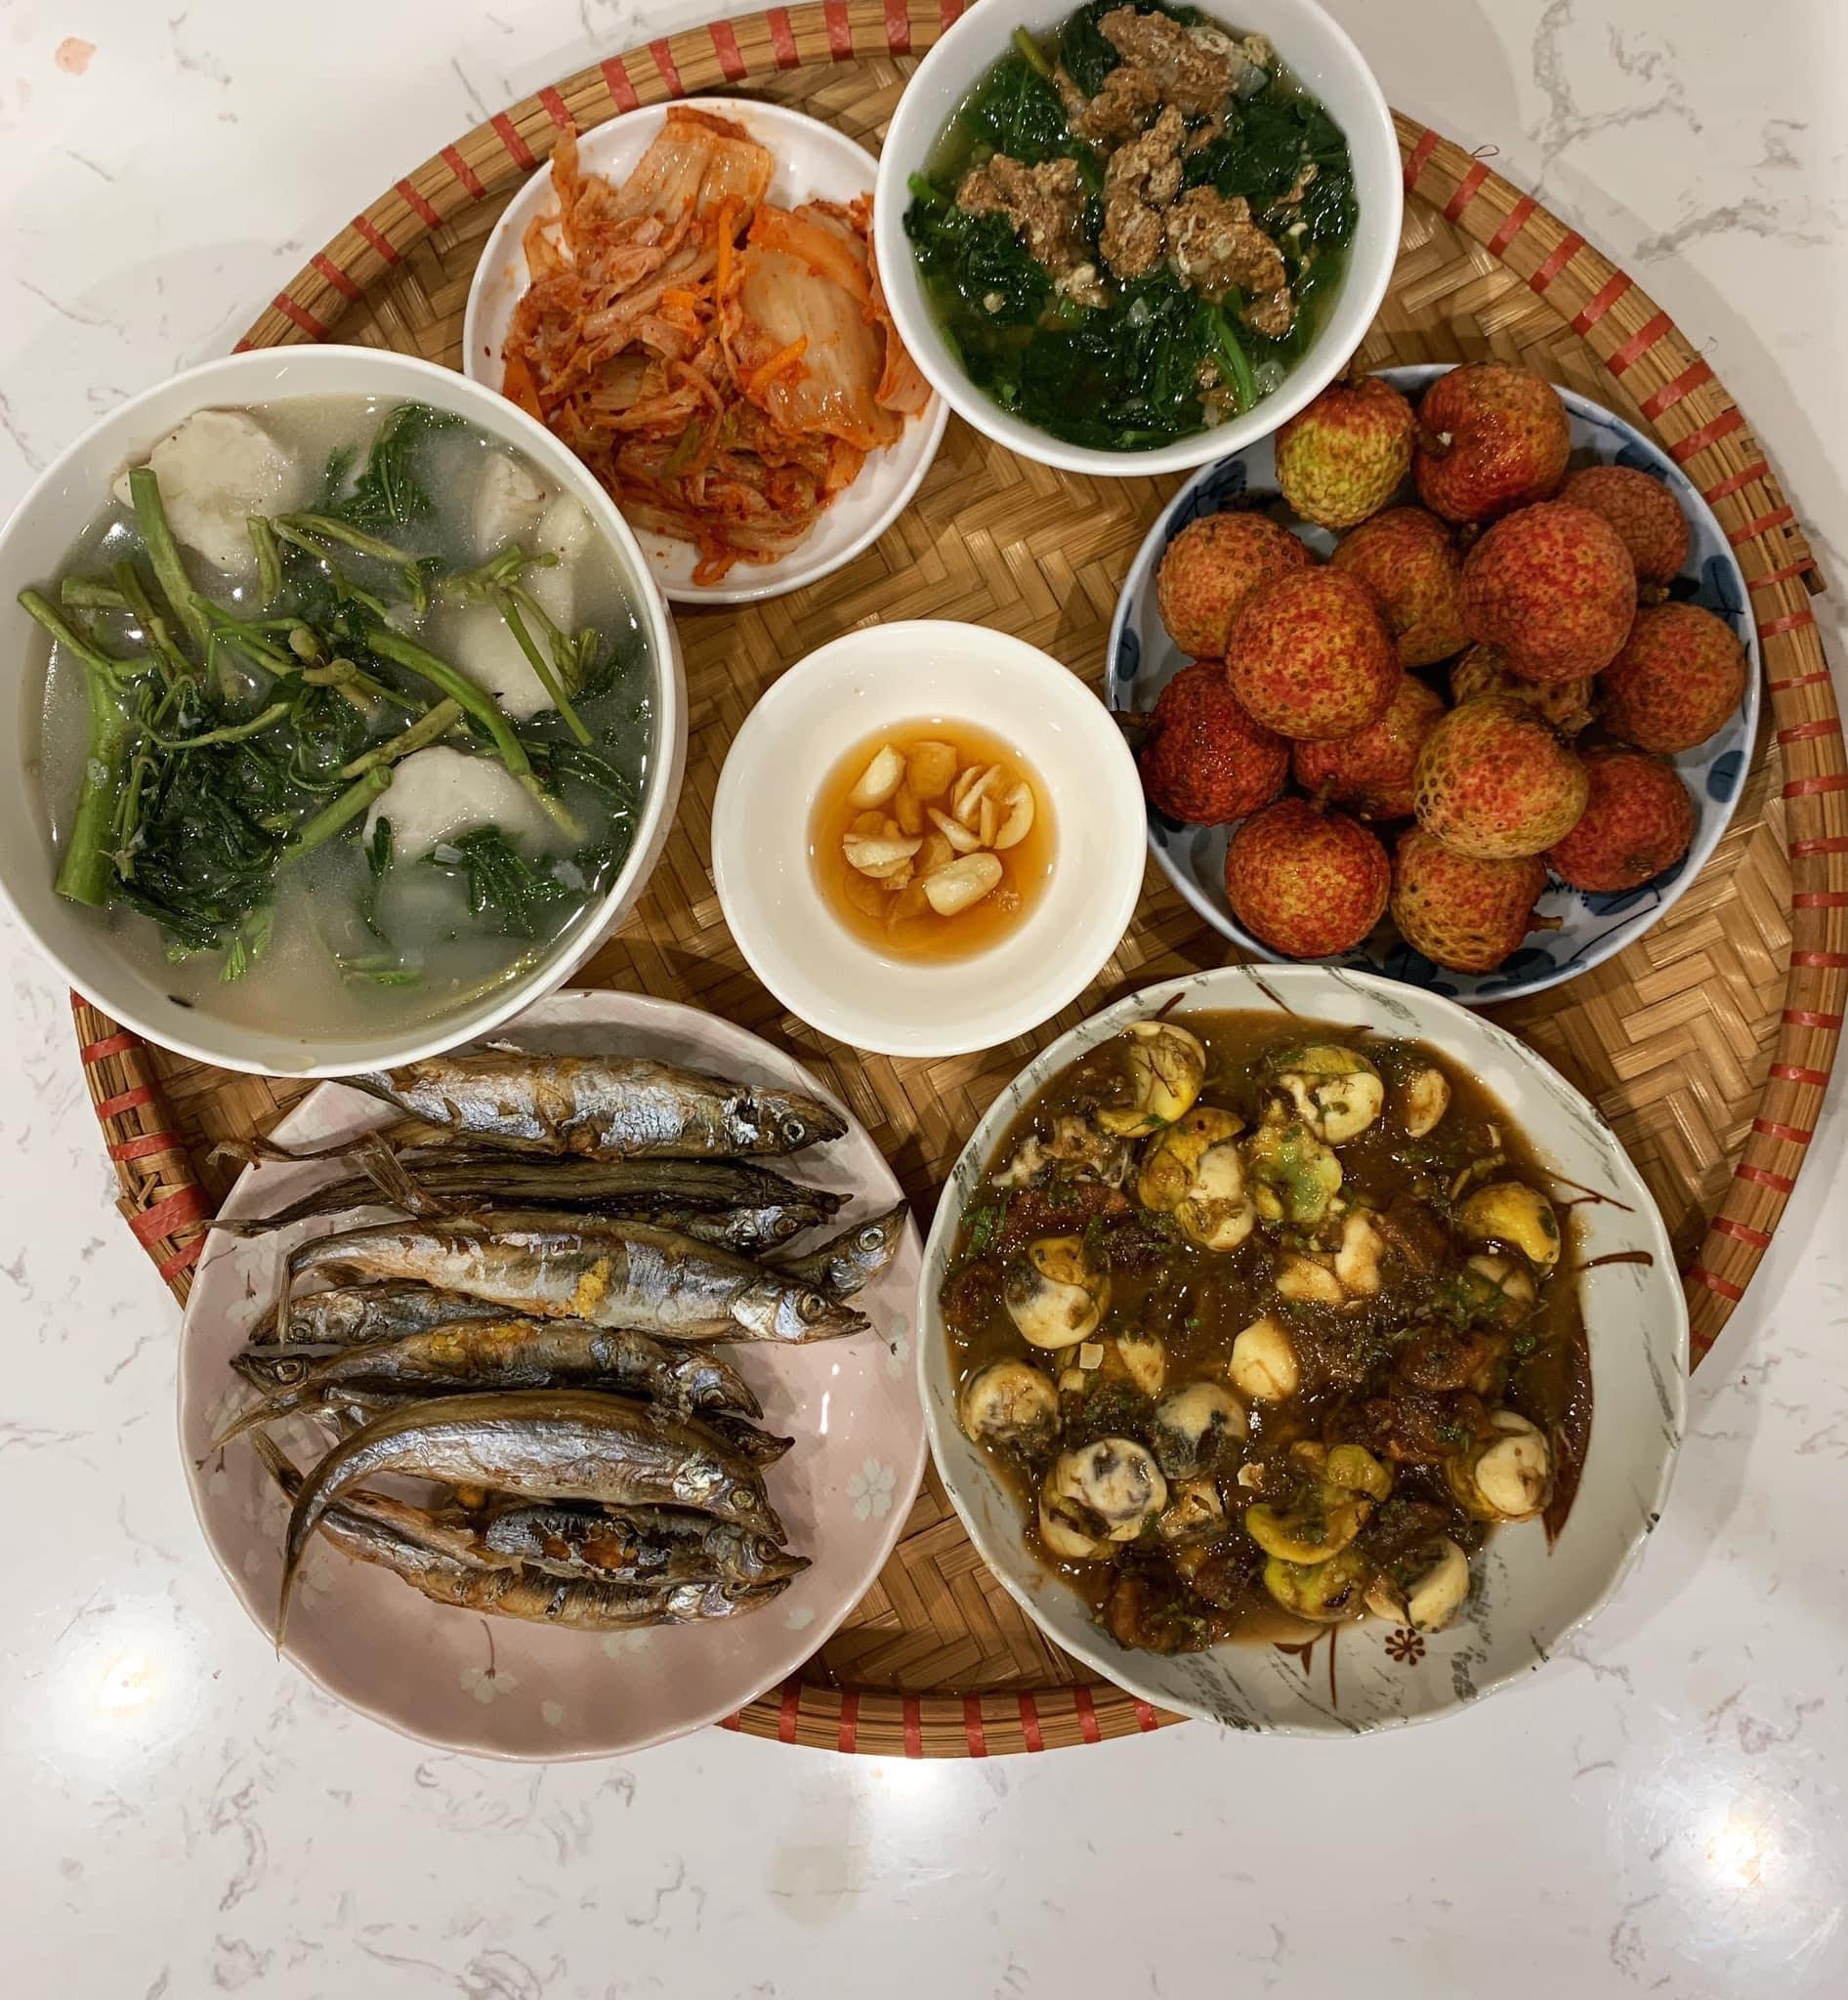 Chi phí chỉ từ 100k nhưng mỗi bữa cơm của bà nội trợ Hà Nội đều tươm tất đủ món thơm ngon, bổ dưỡng cho mọi thành viên gia đình - Ảnh 3.